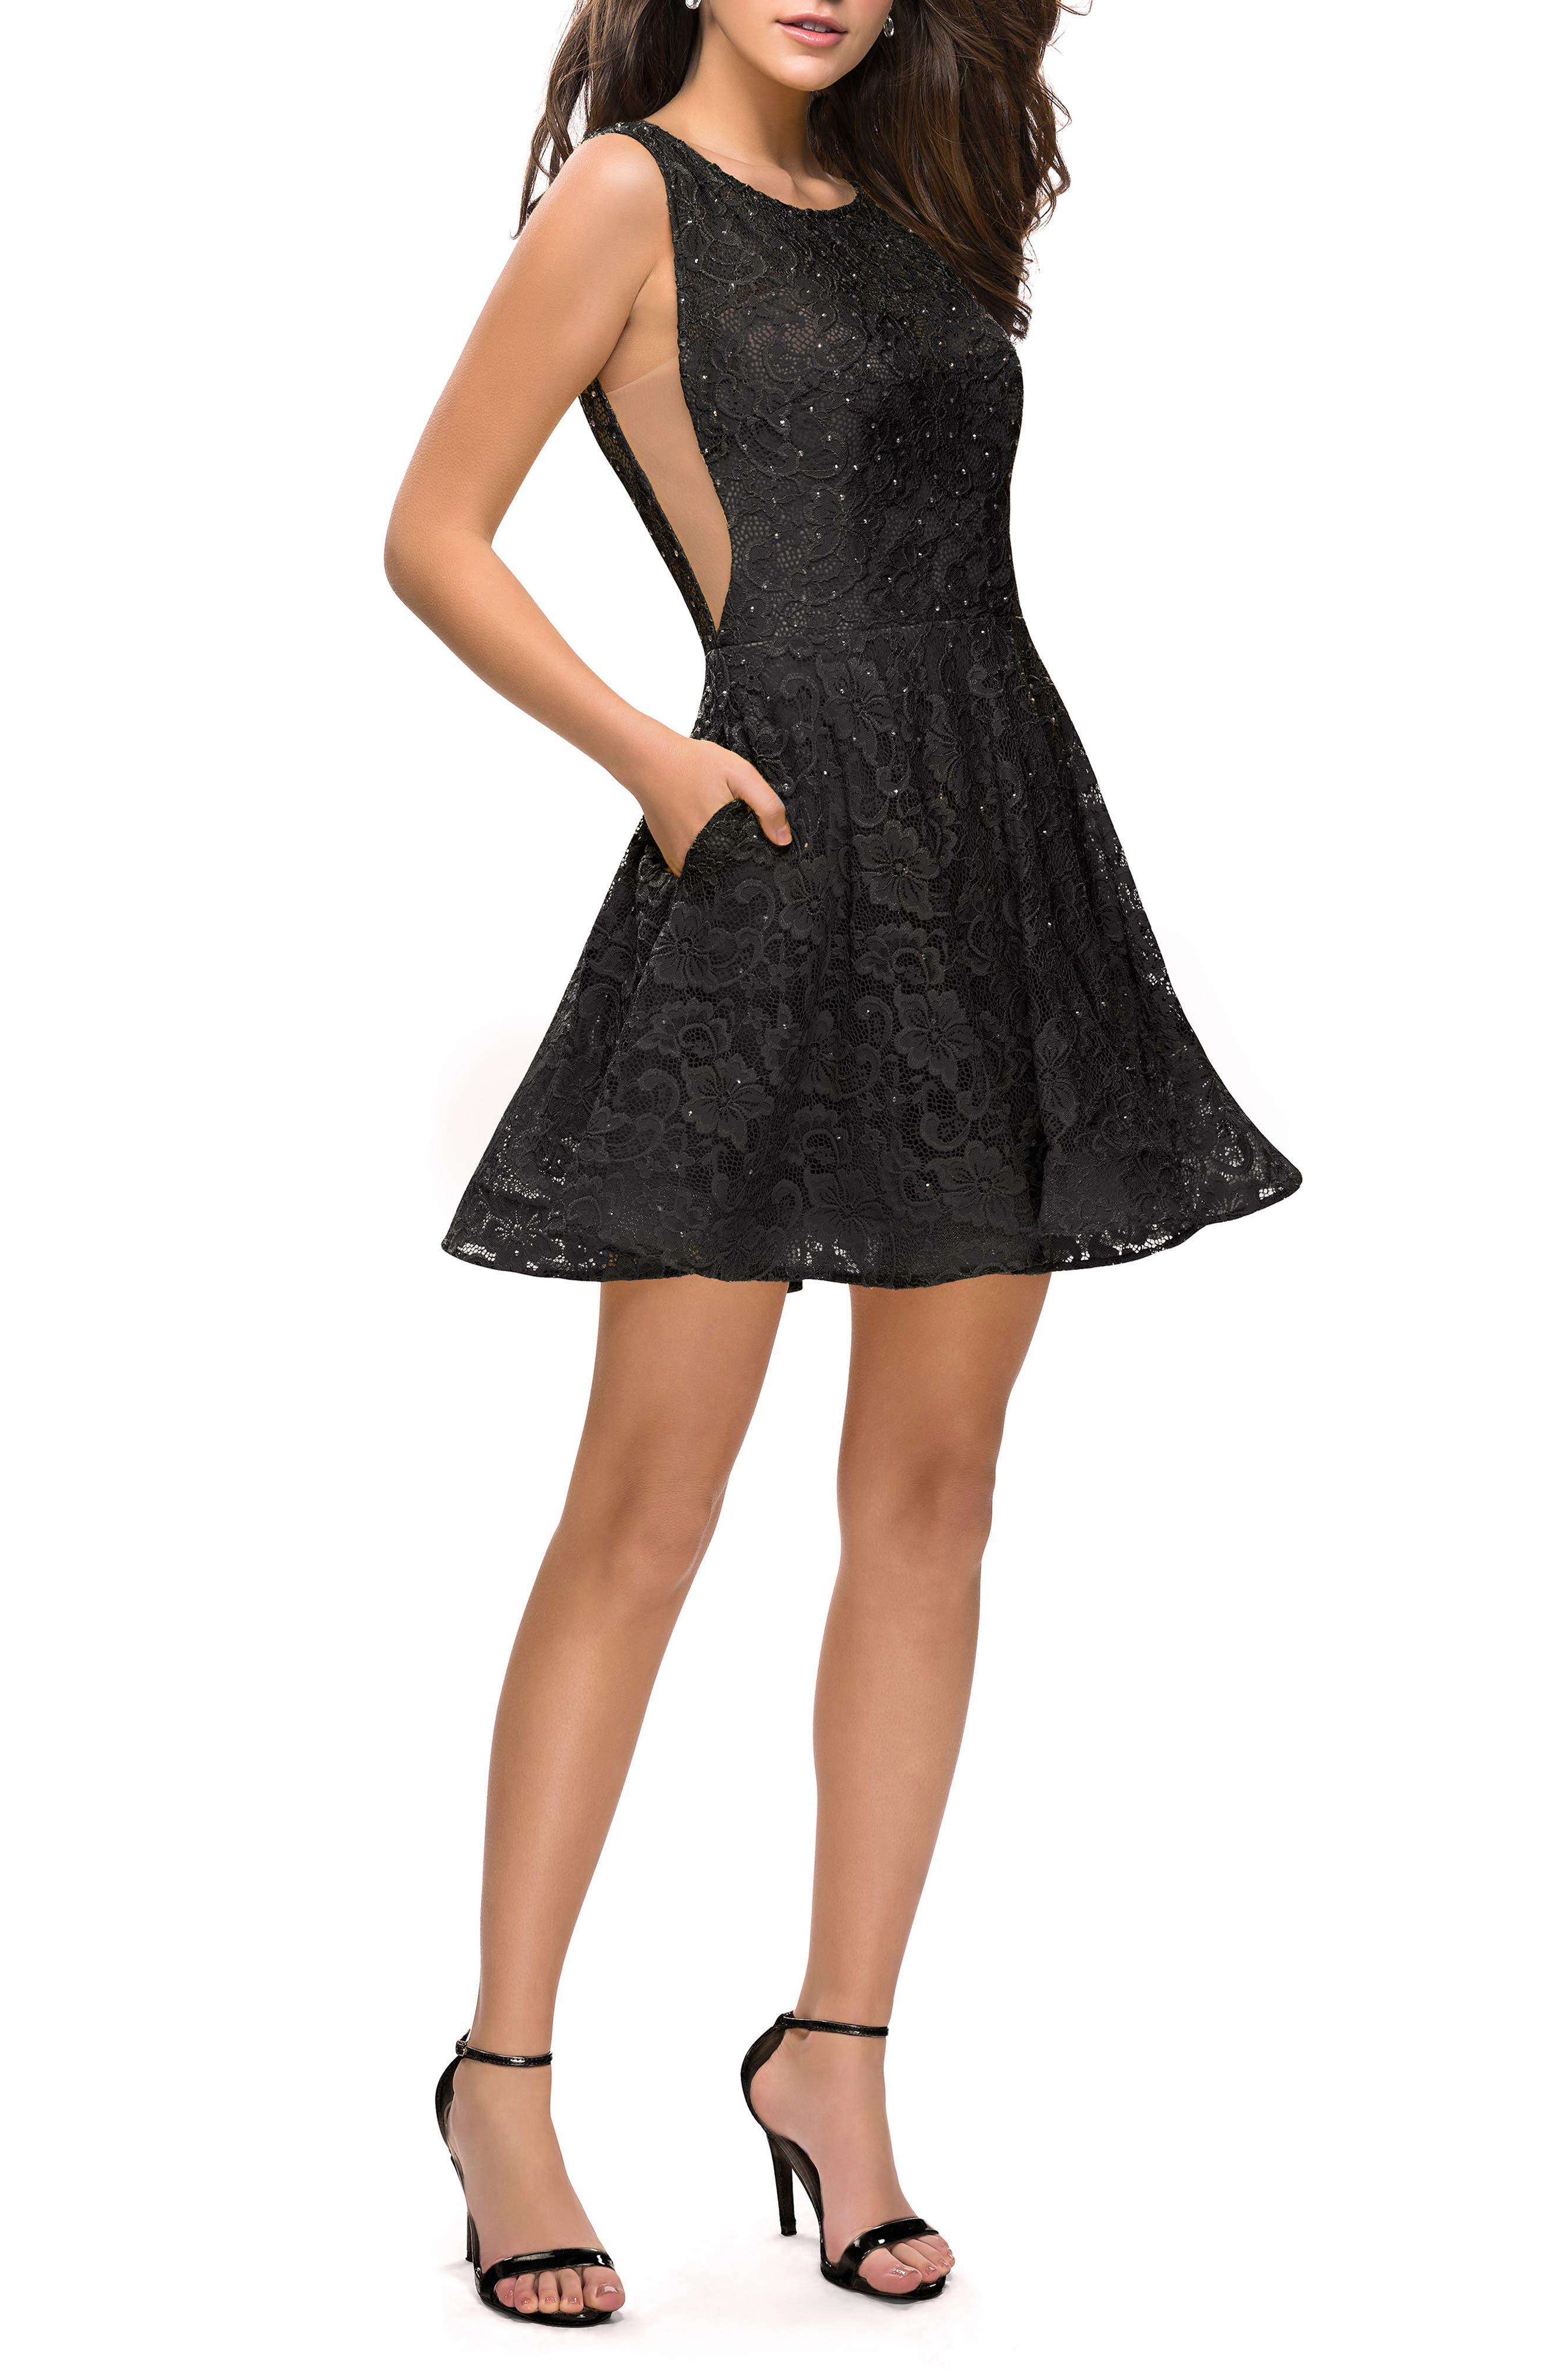 La Femme Lace Fit & Flare Party Dress, Black